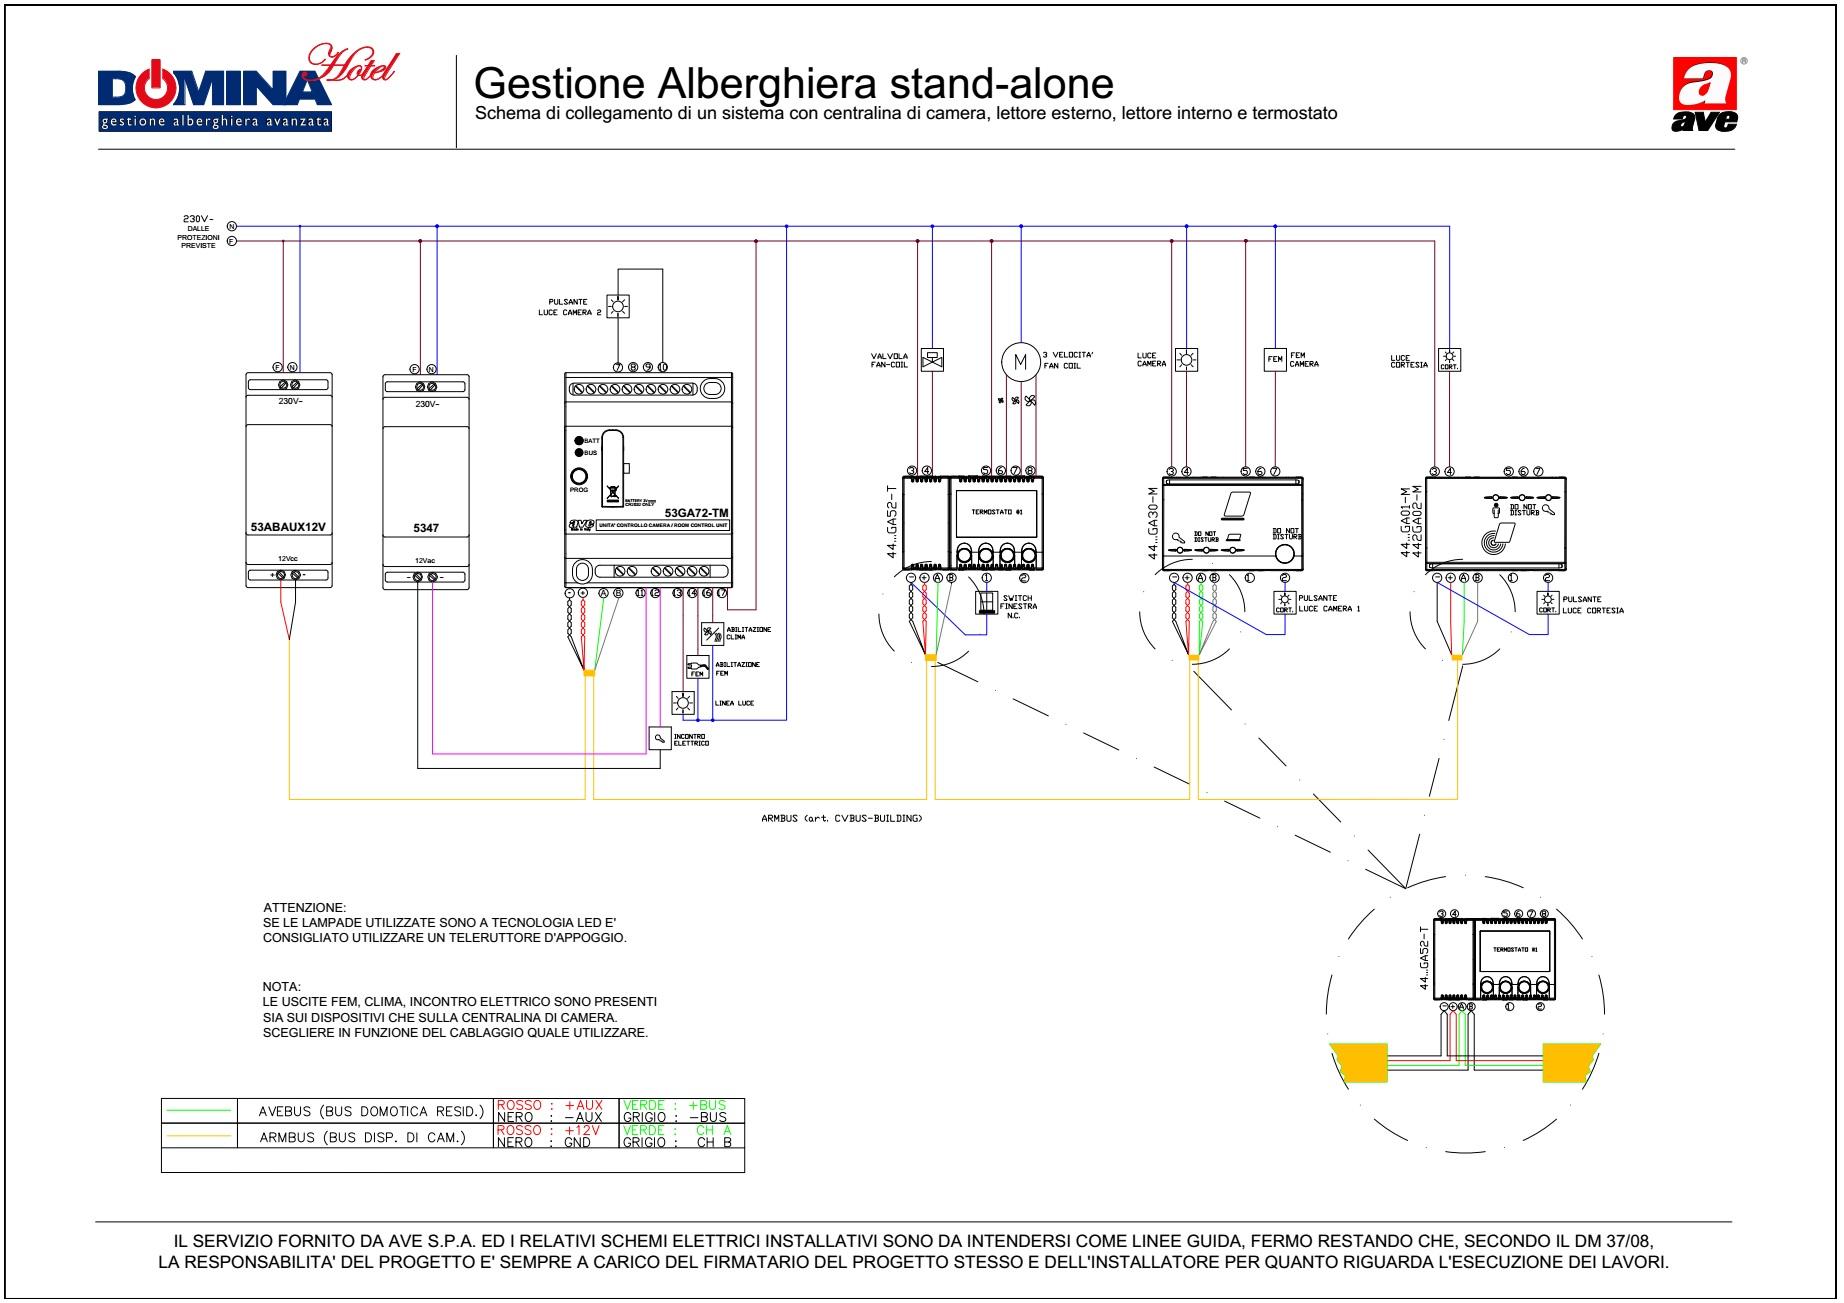 Gestione Alberghiera stand-alone - sistema completo